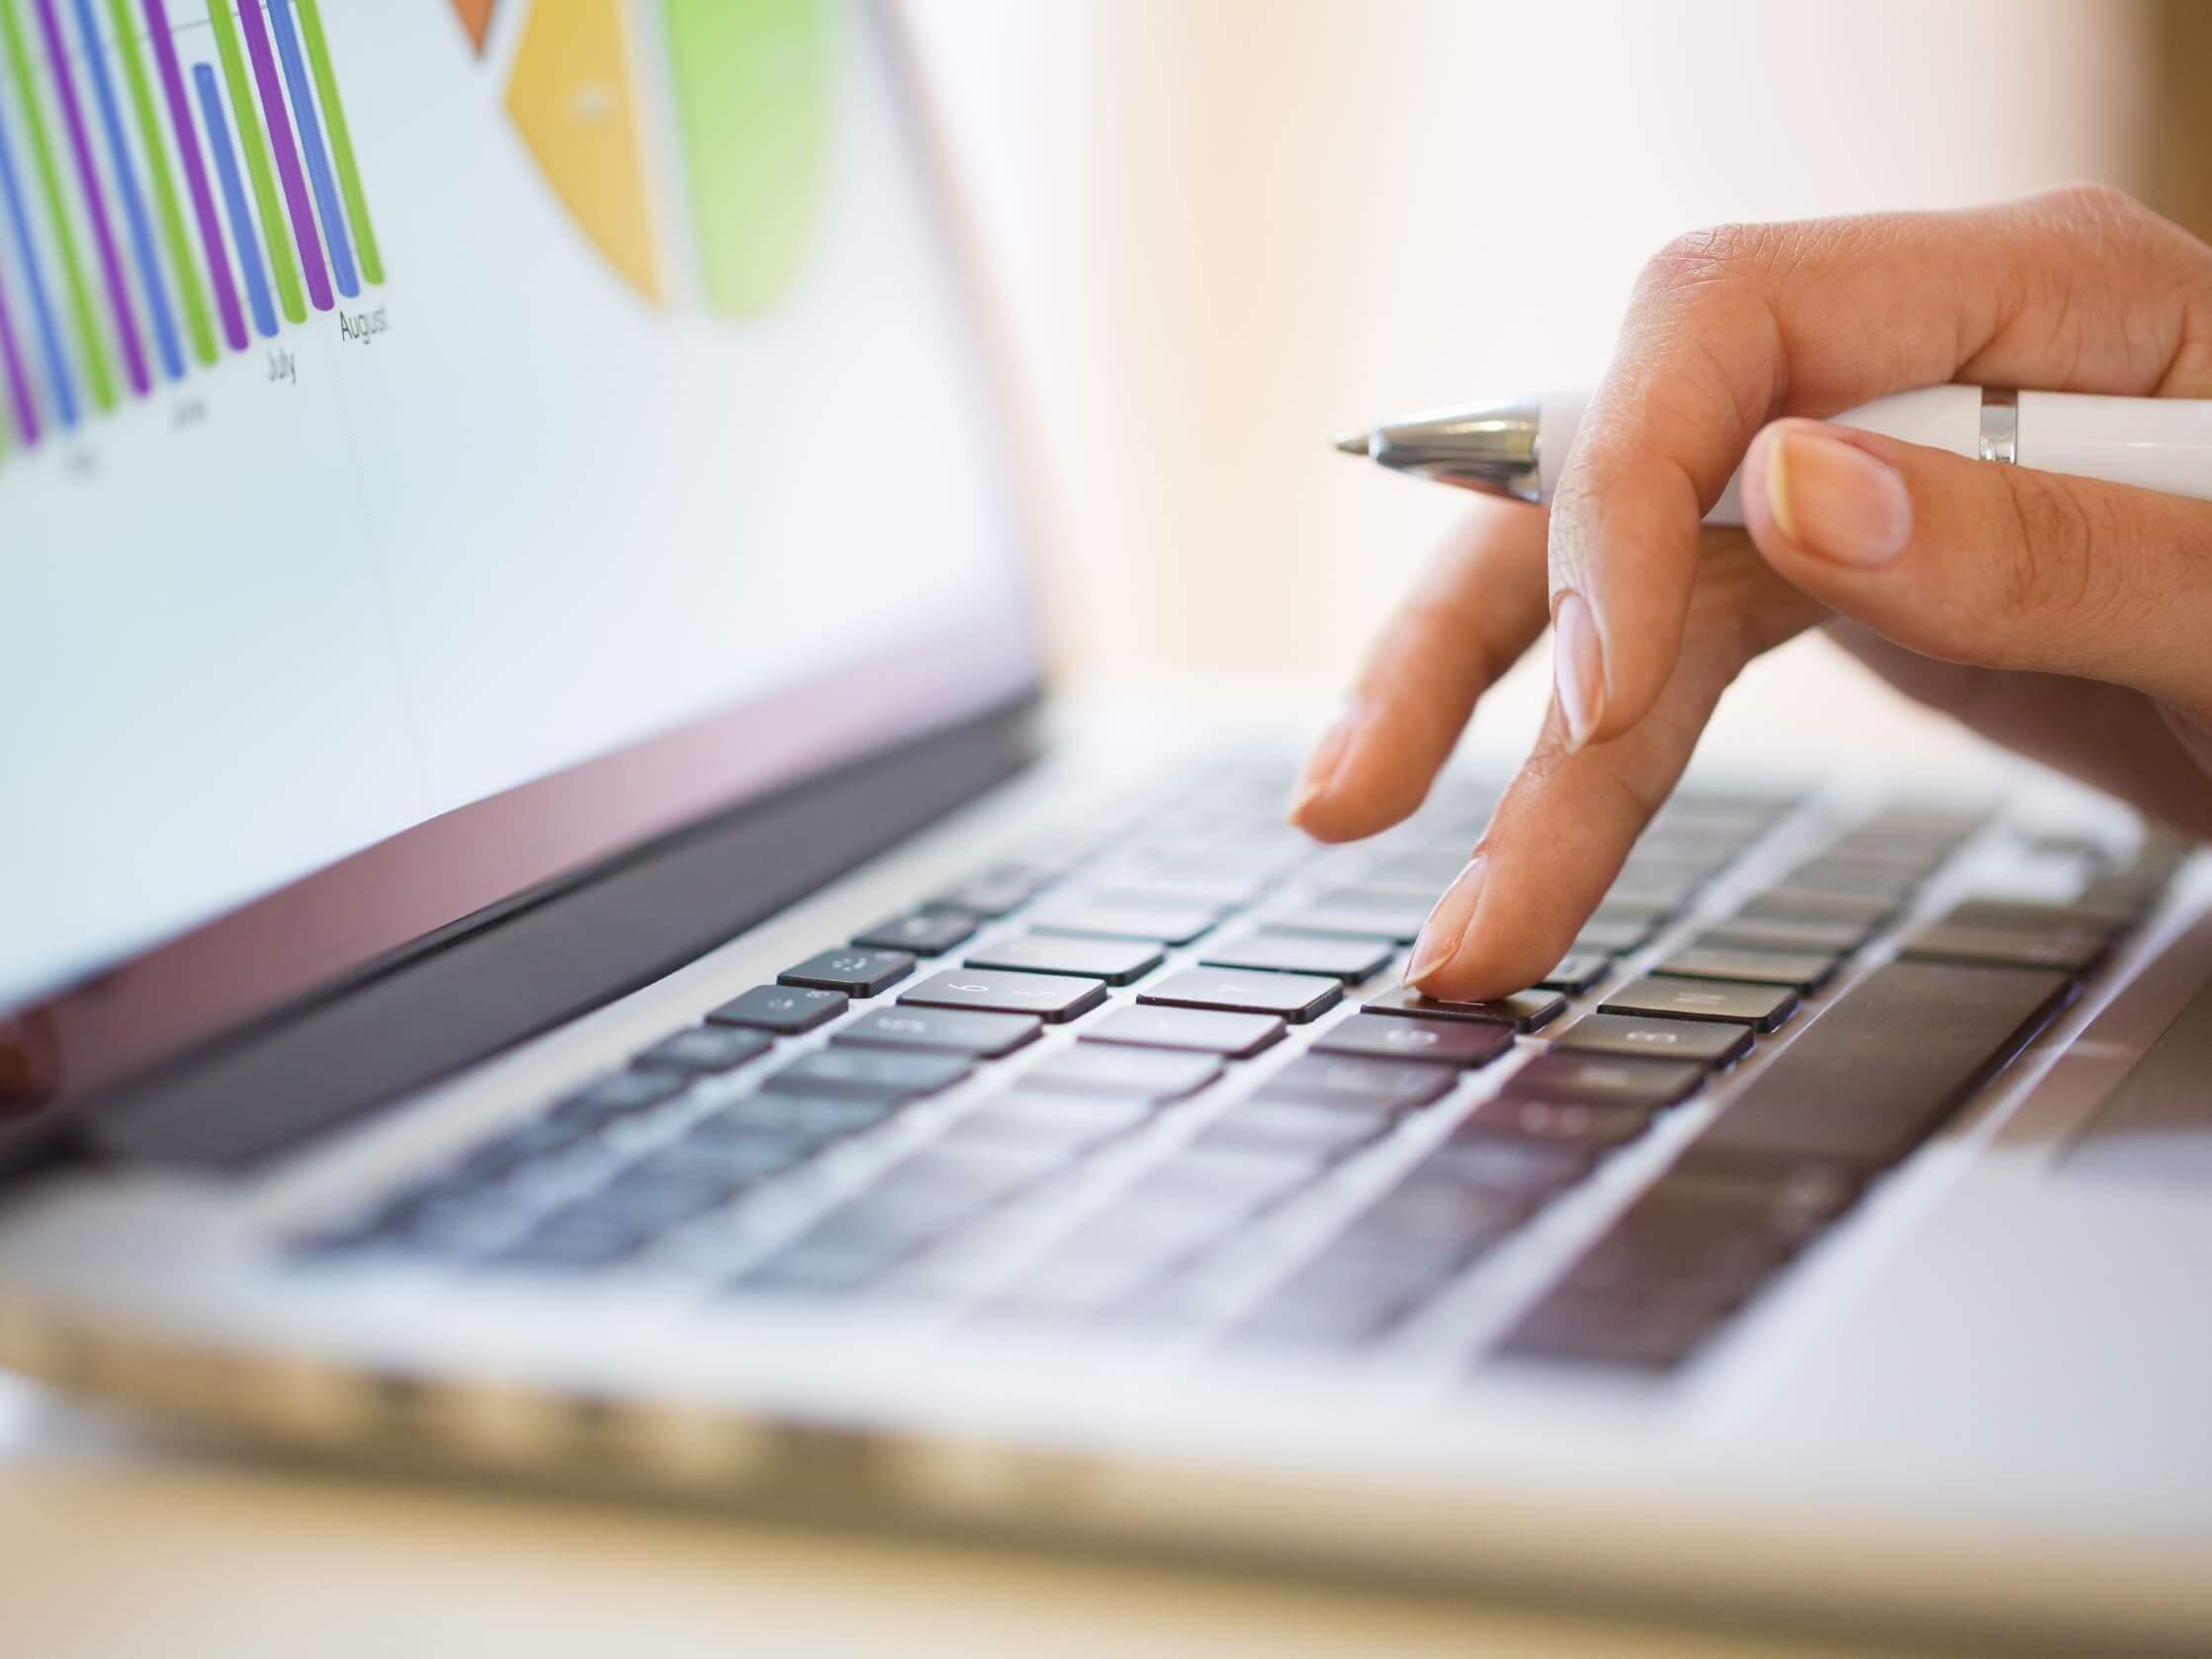 Audit-handentoestenbord